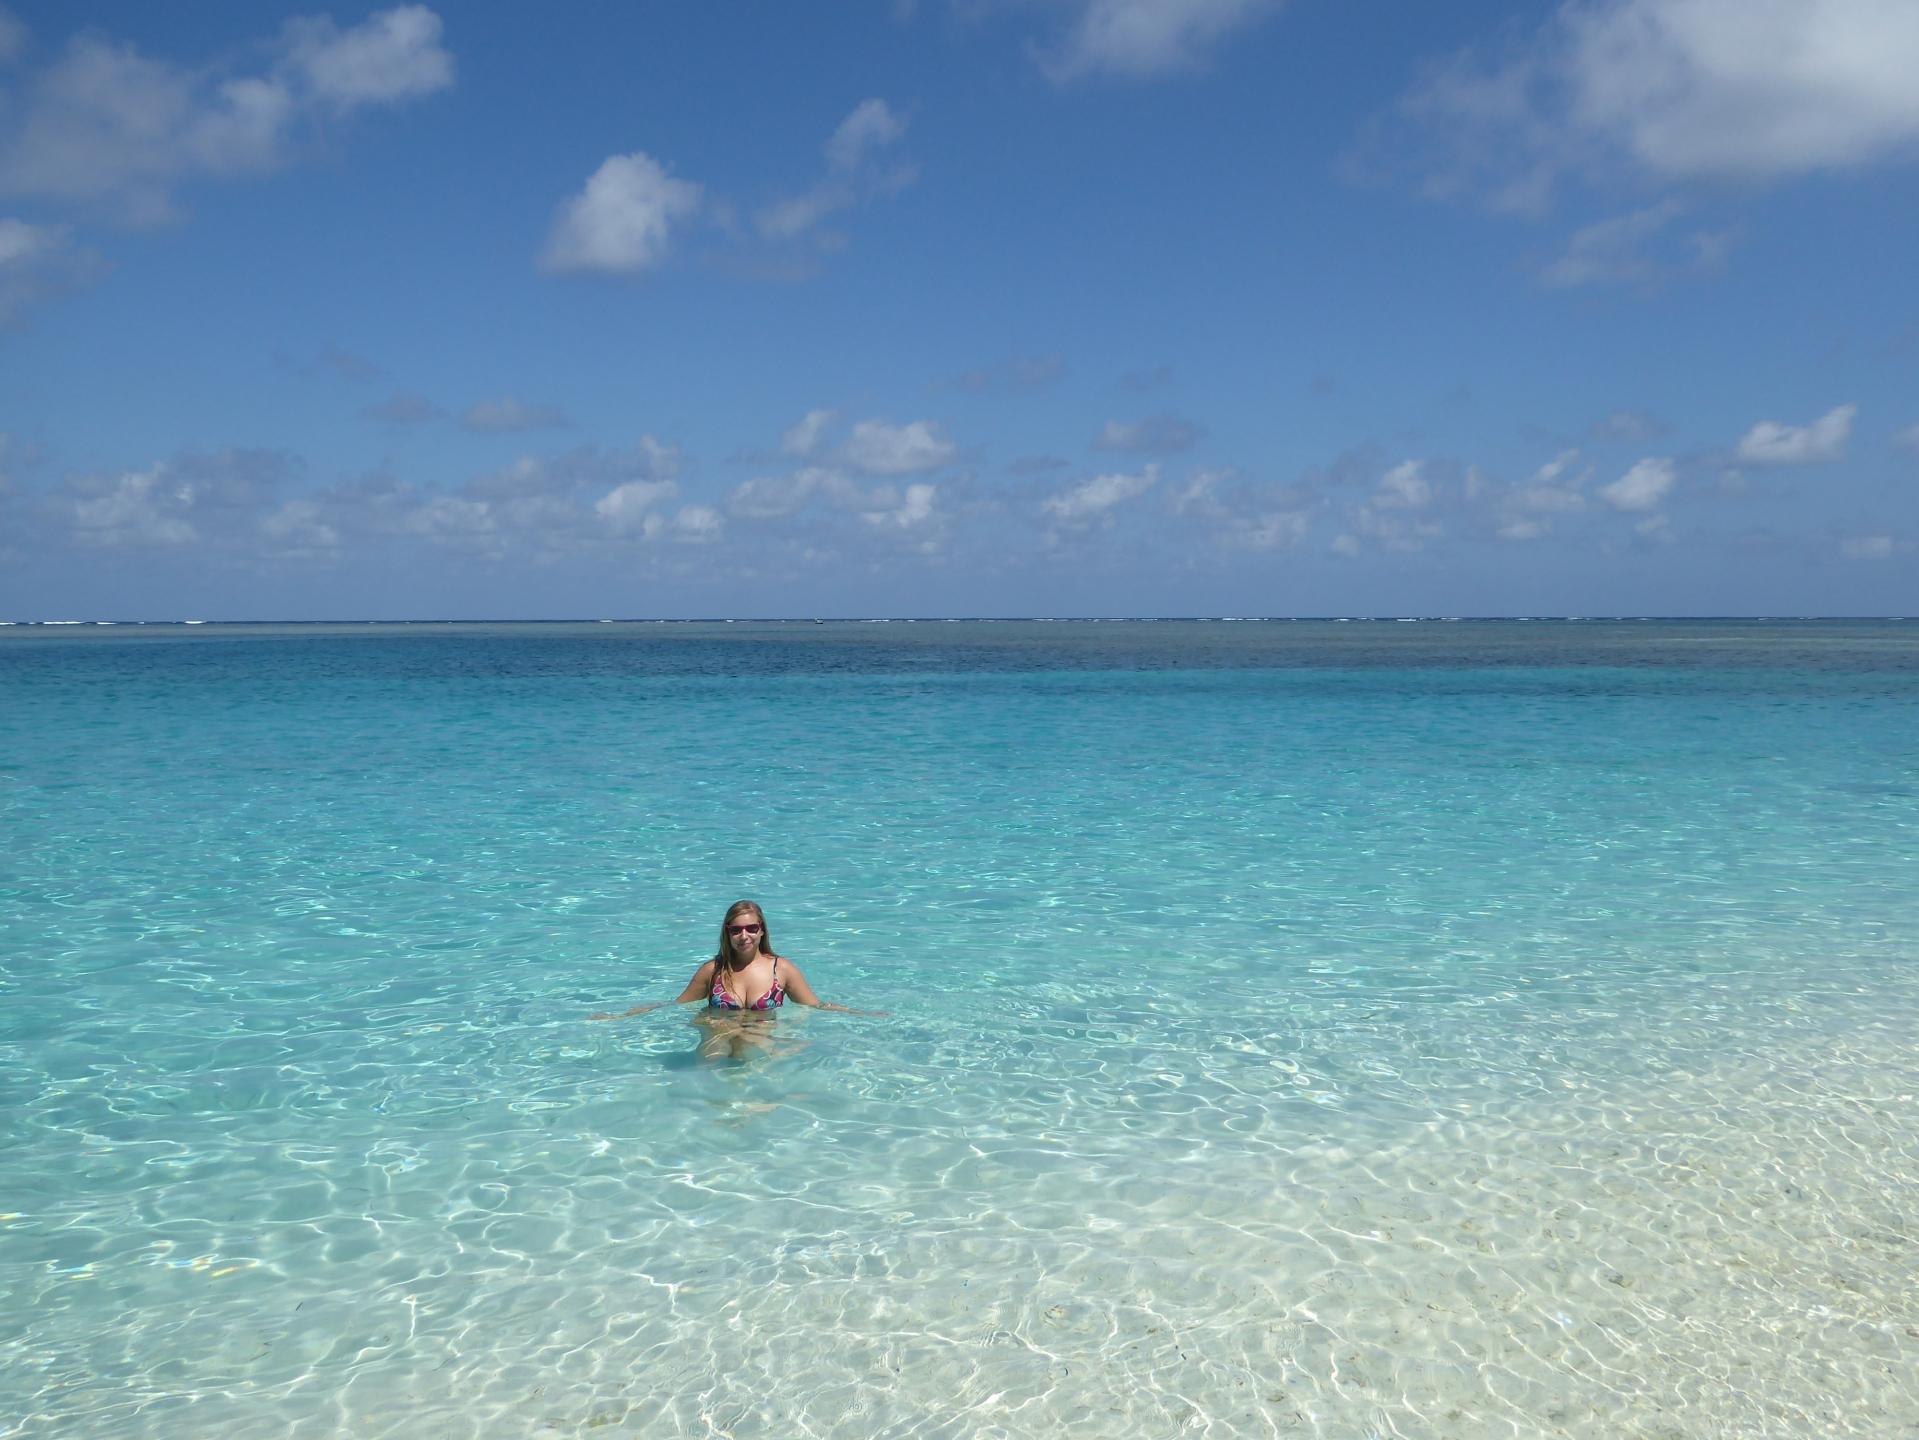 beach beaches san blas islands guna yala island sea ocean clear blue water tropical paradise